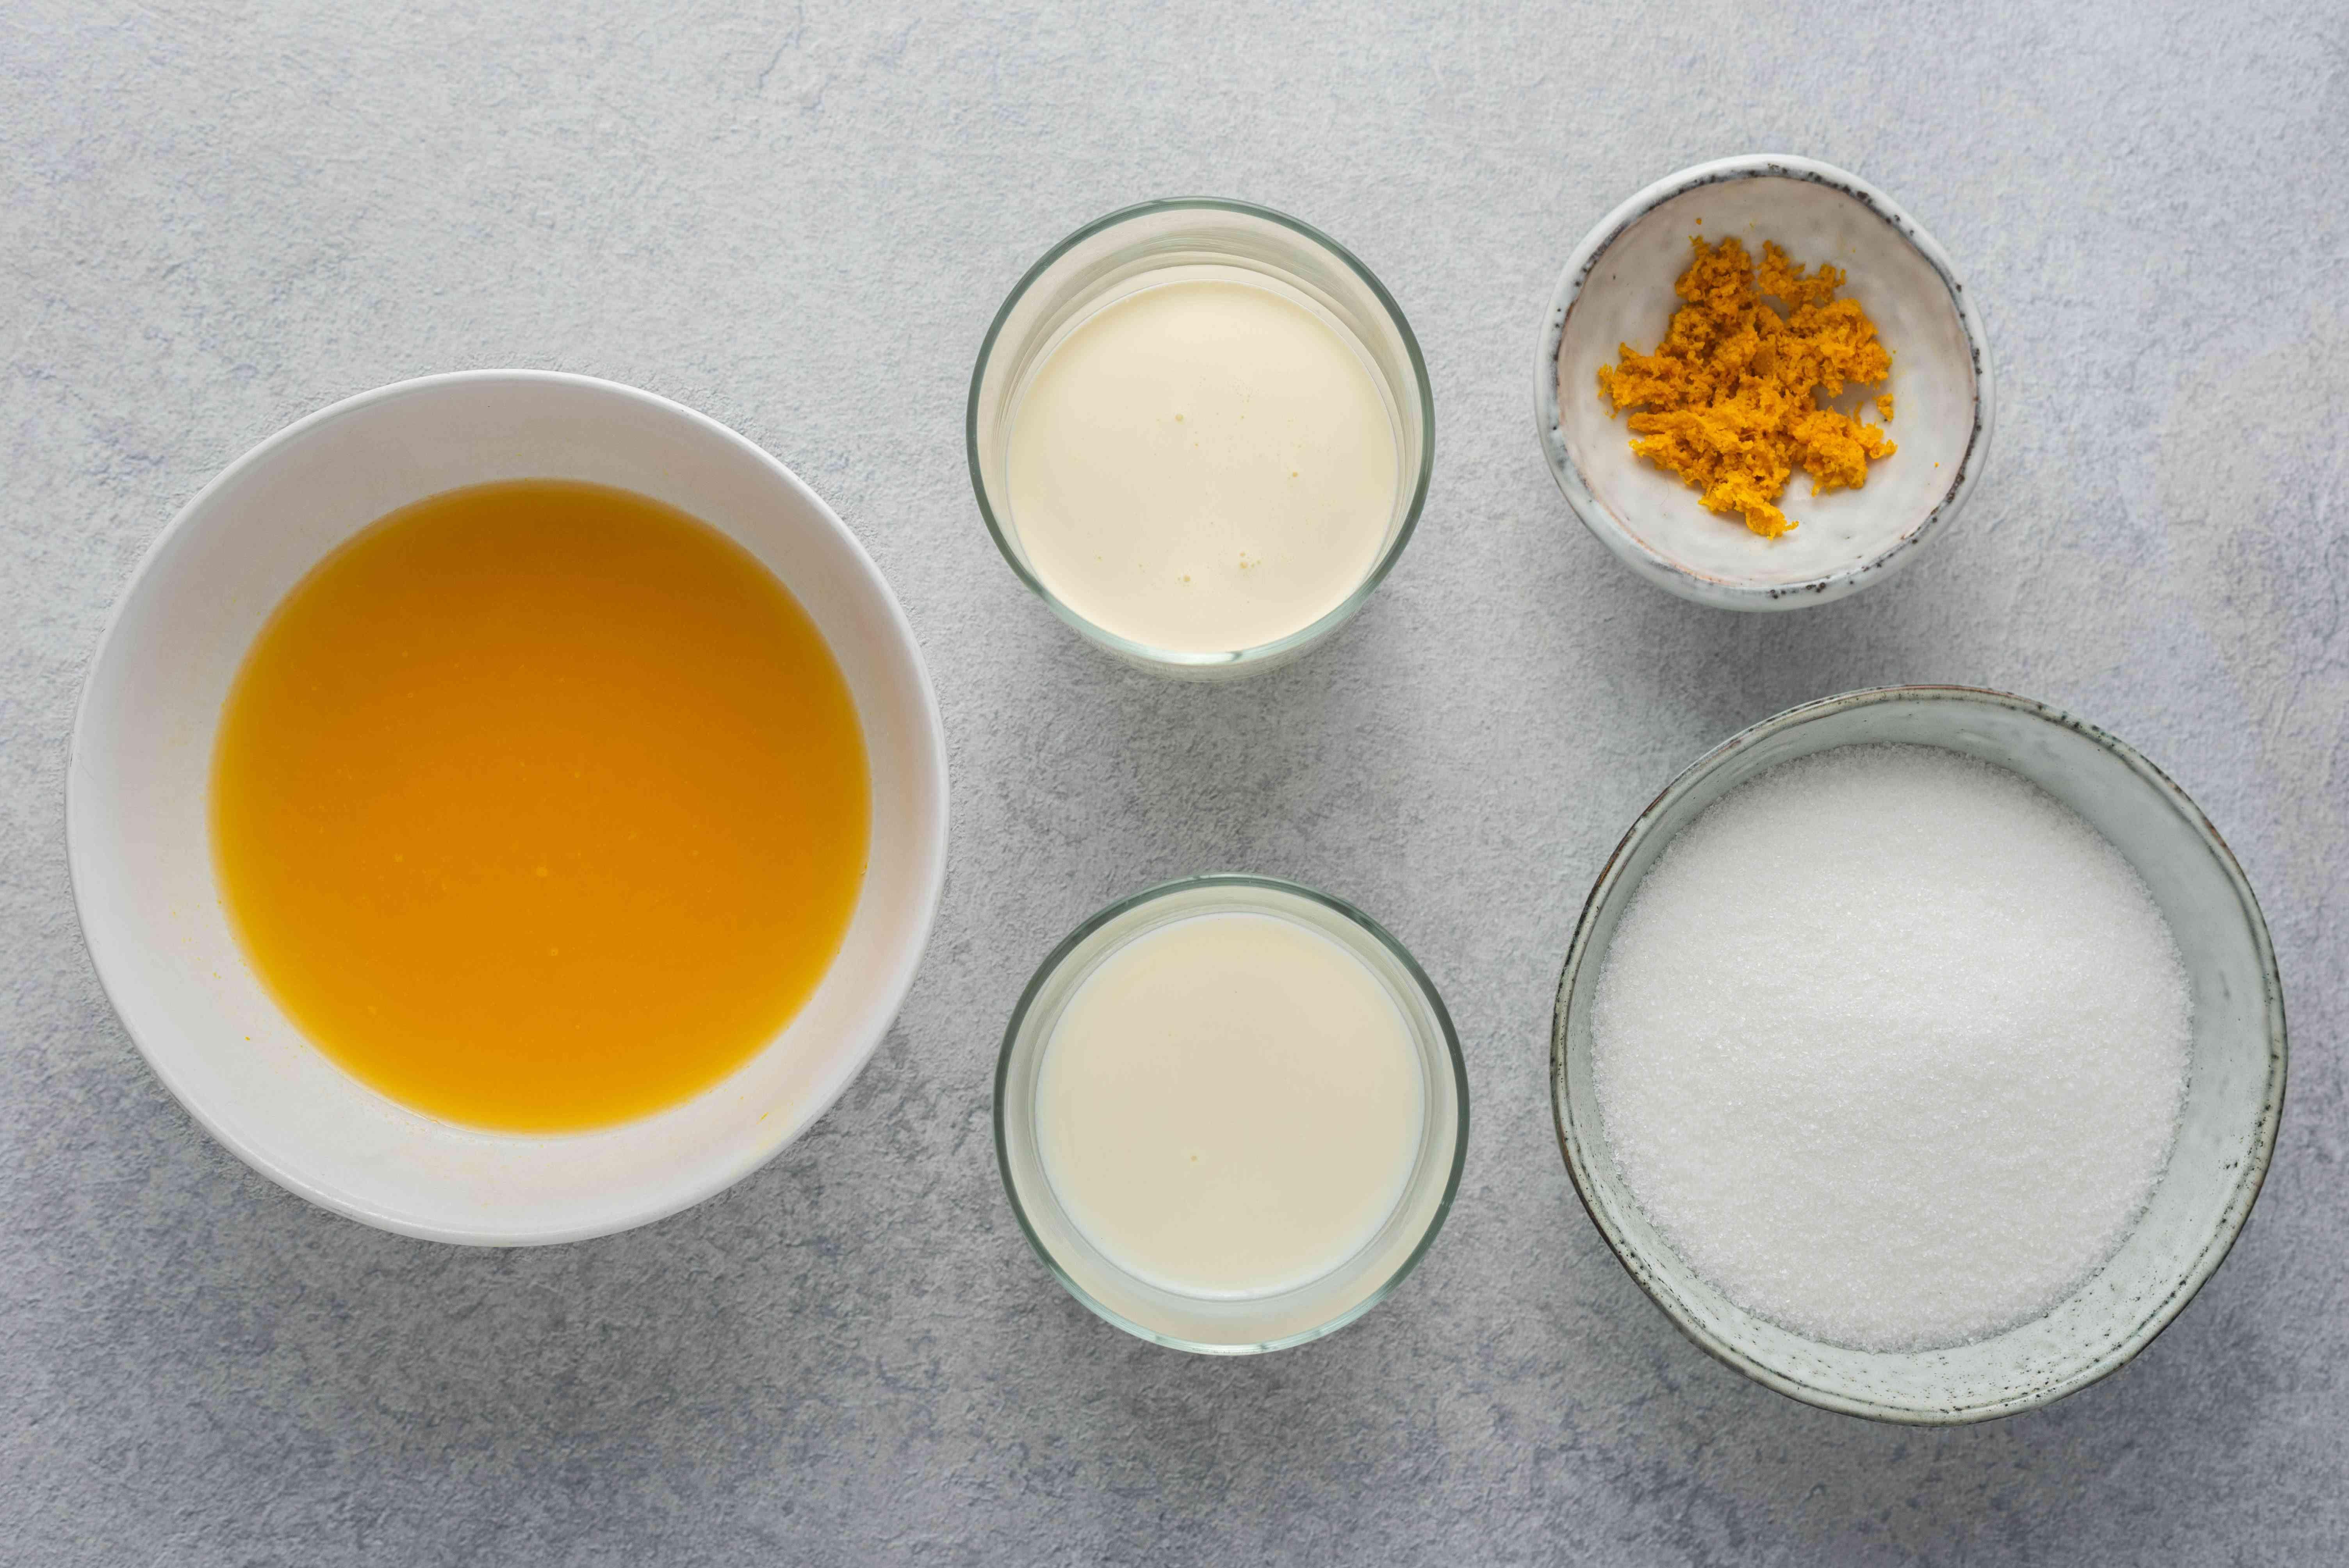 Homemade orange sherbet ingredients